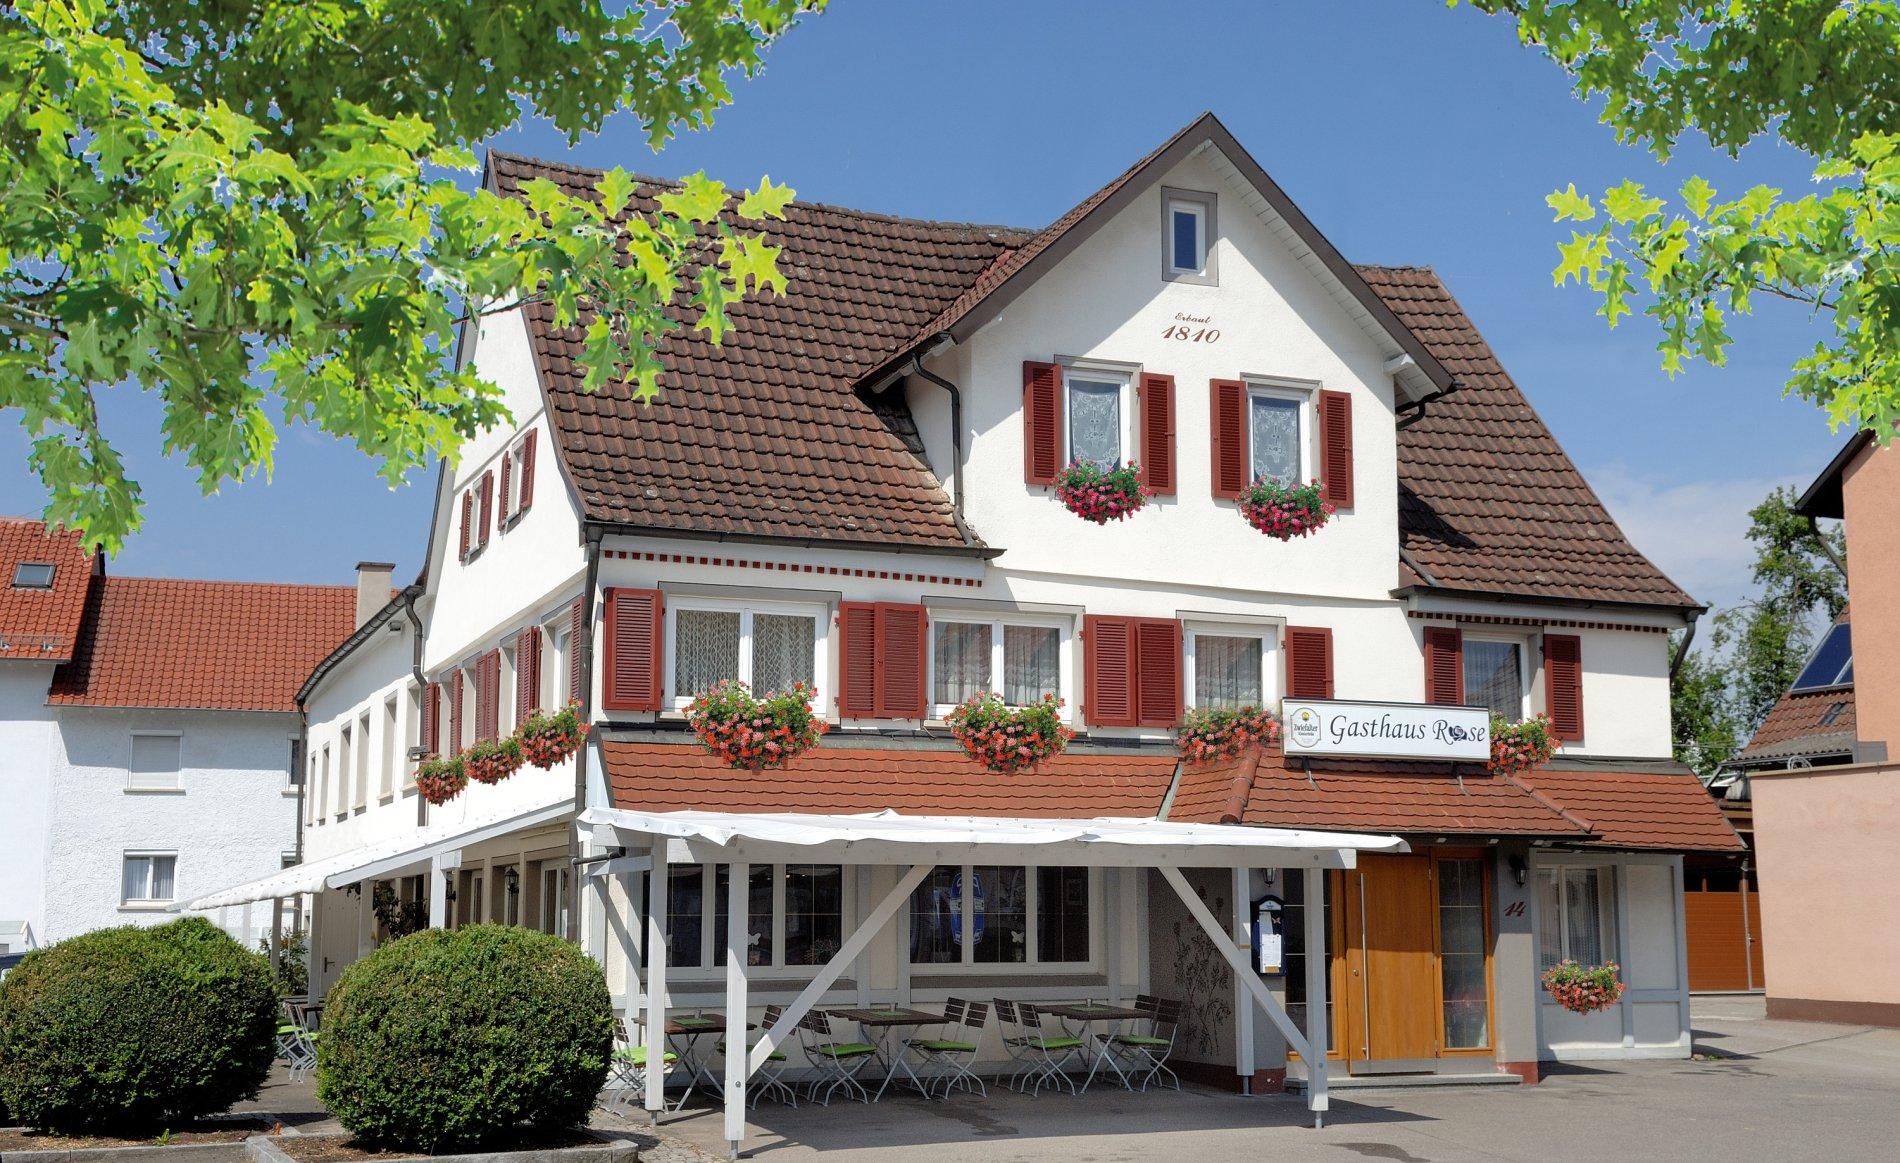 Gasthaus Rose Außenansicht